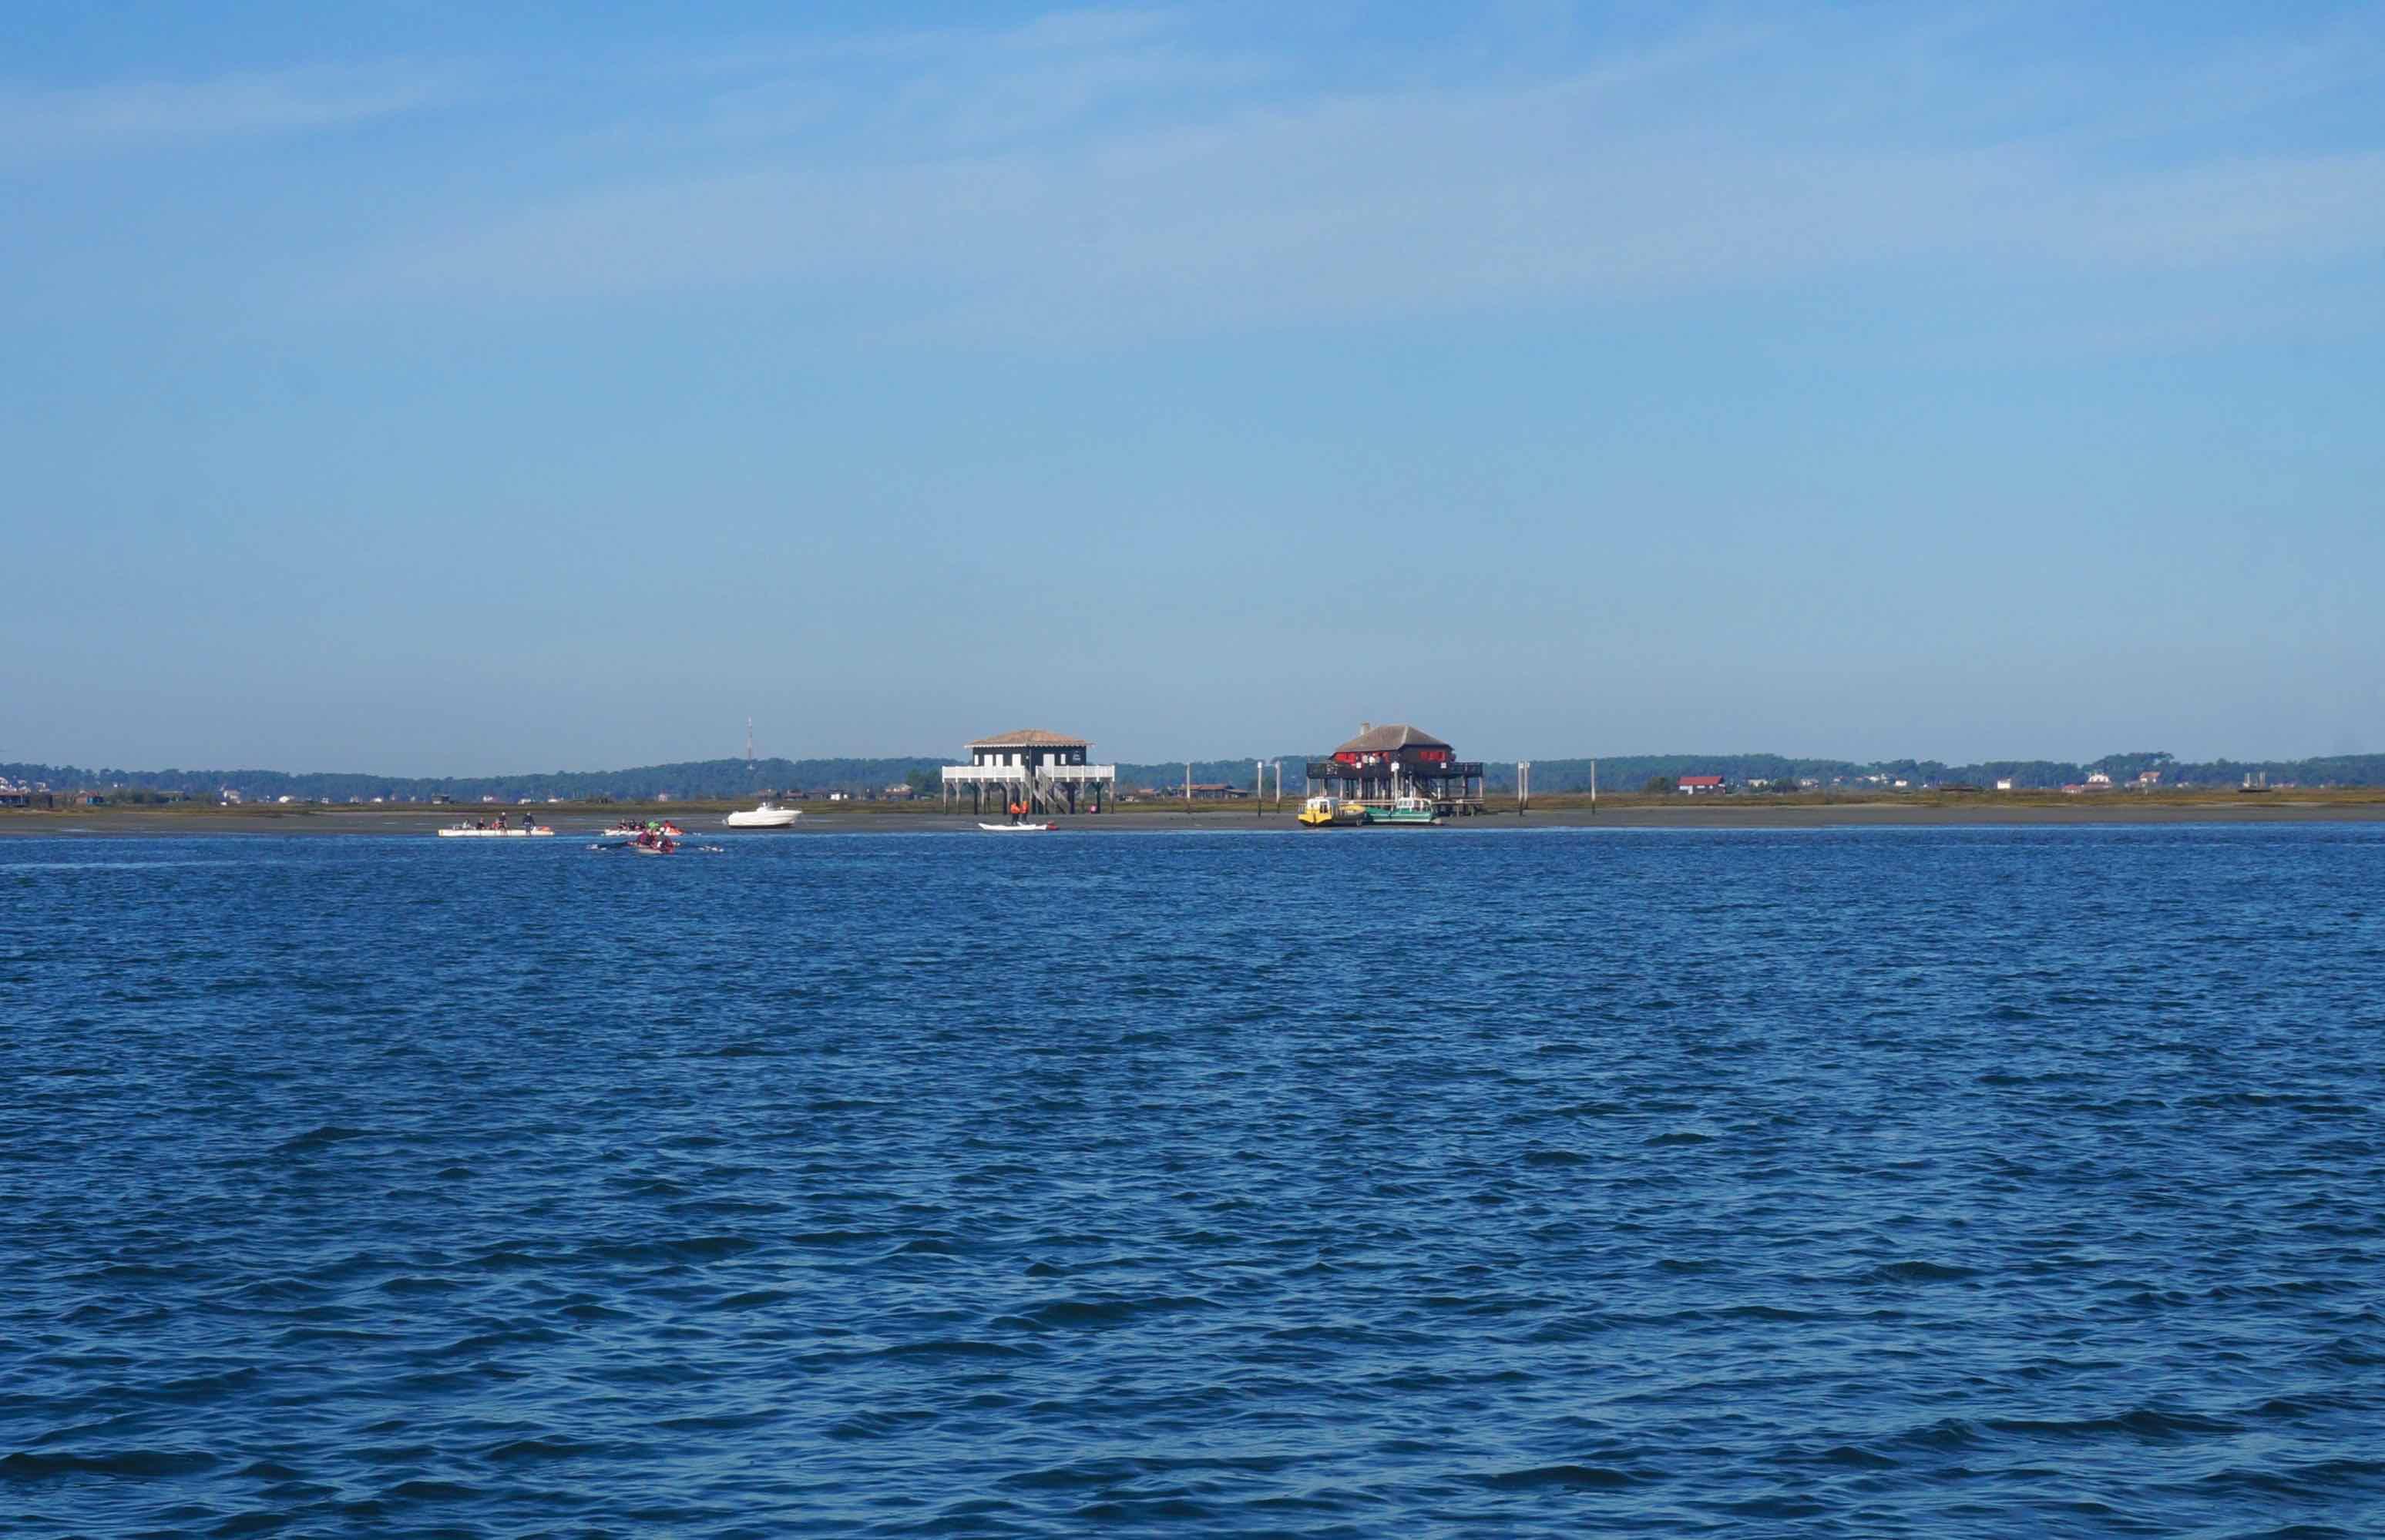 bassin d'arcachon, cabanes tchanquées, île aux oiseaux